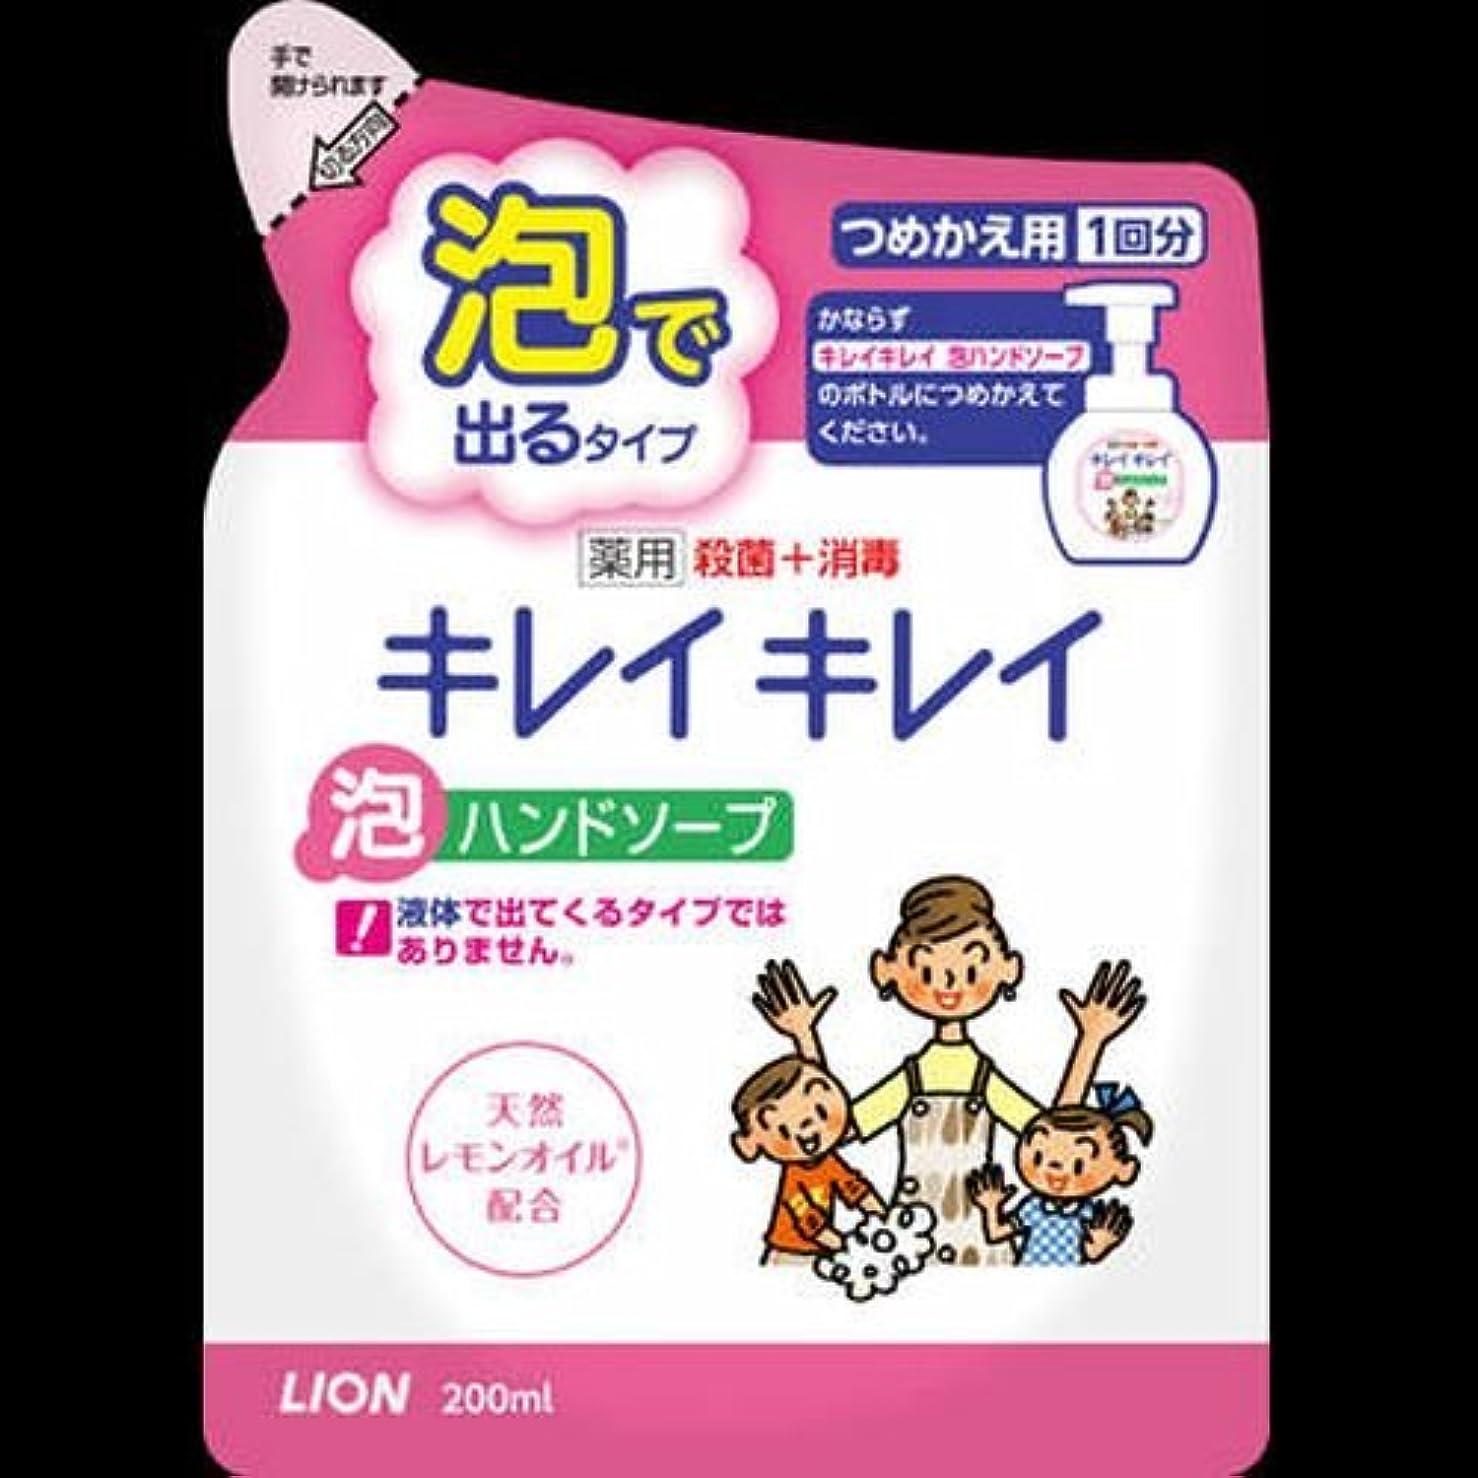 なくなる仲介者演劇ライオン キレイキレイ 薬用泡ハンドソープ 詰替 200ml ×2セット